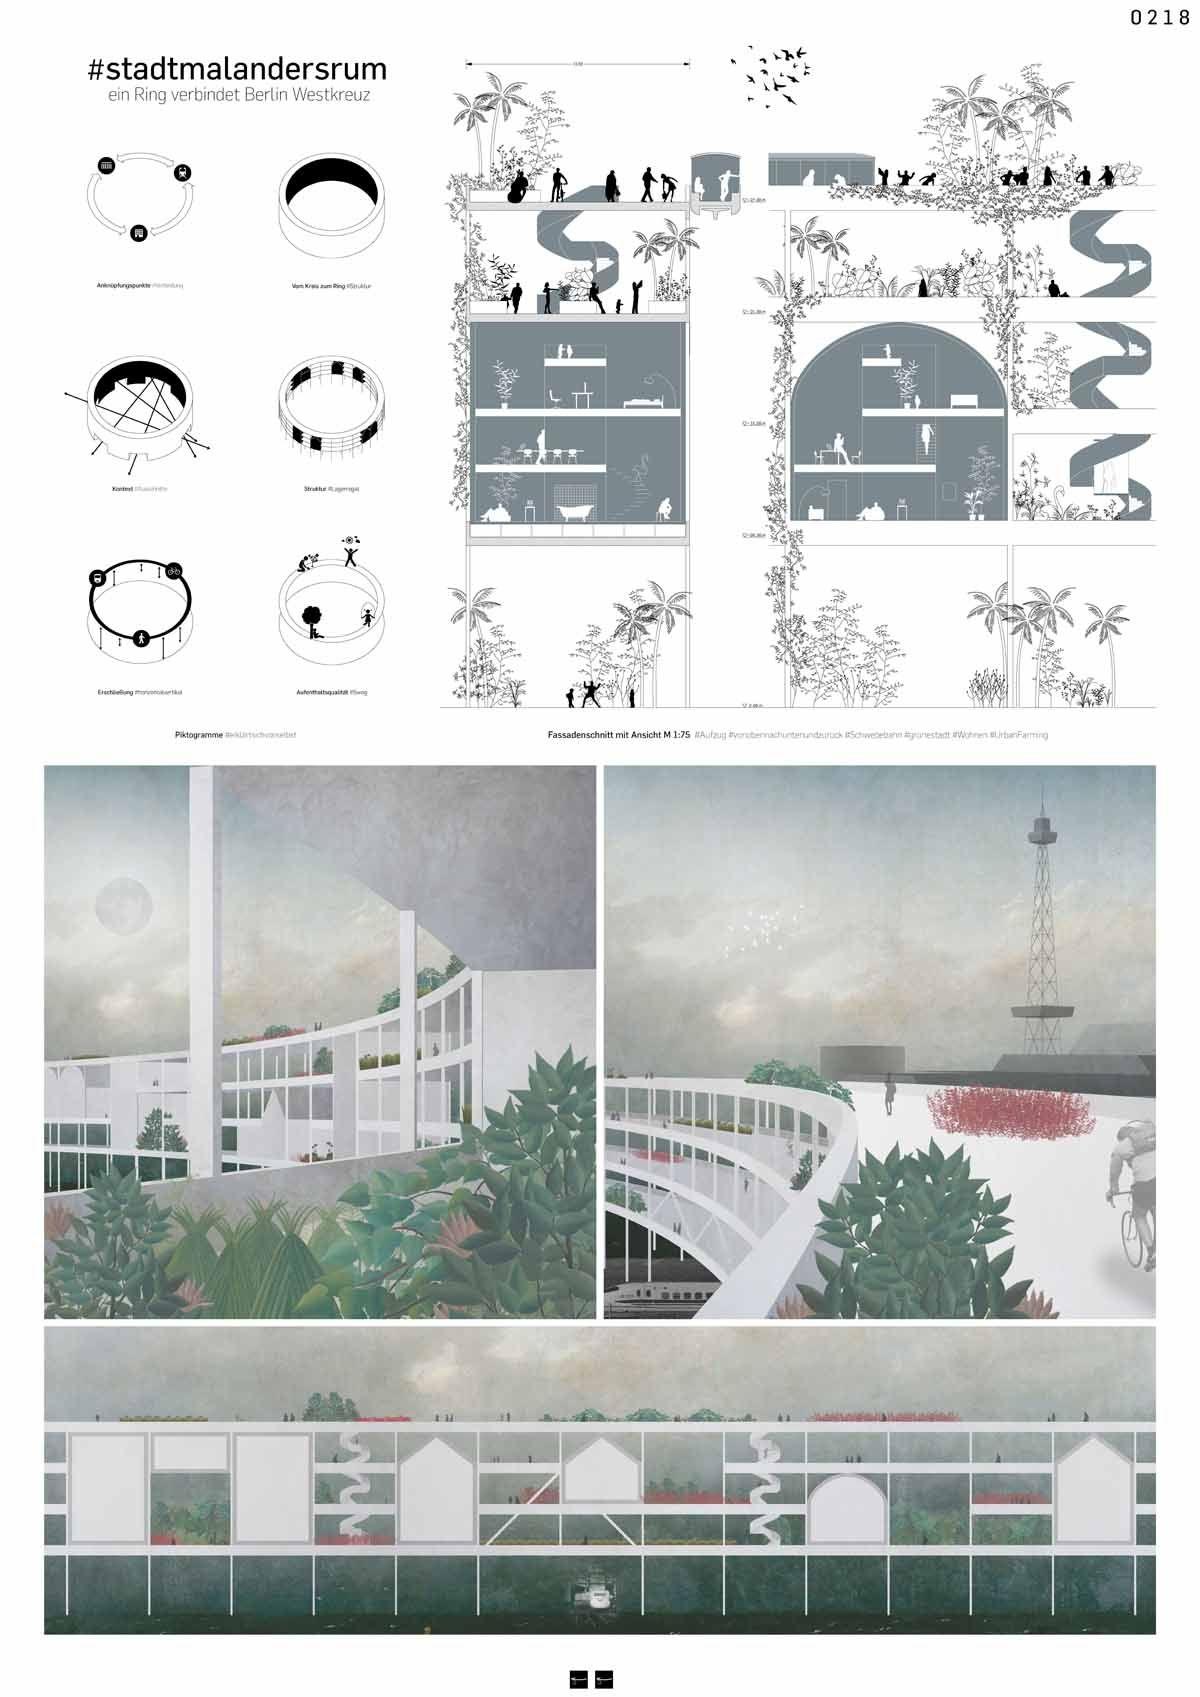 Schinkelpreis aufgabe friendly alien noah scheifele for Berlin architektur studieren